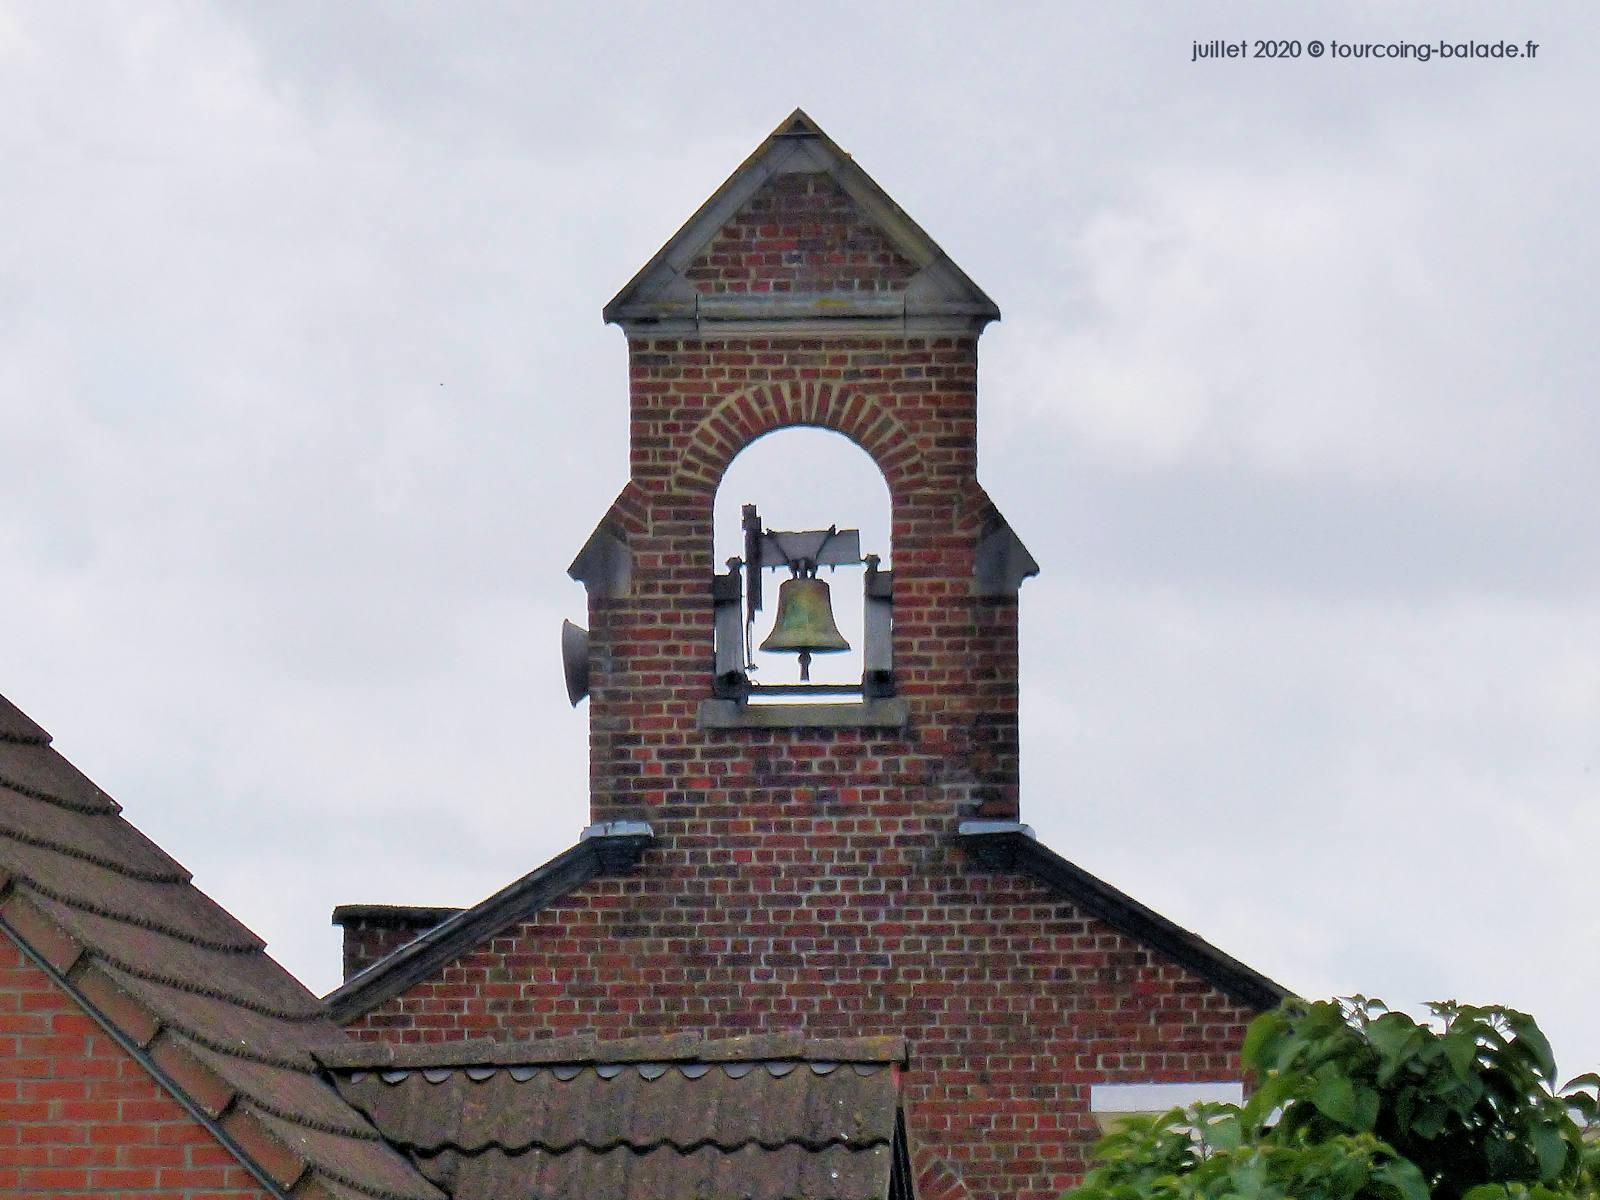 Cloche de l'église Saint Blaise, Tourcoing 2020